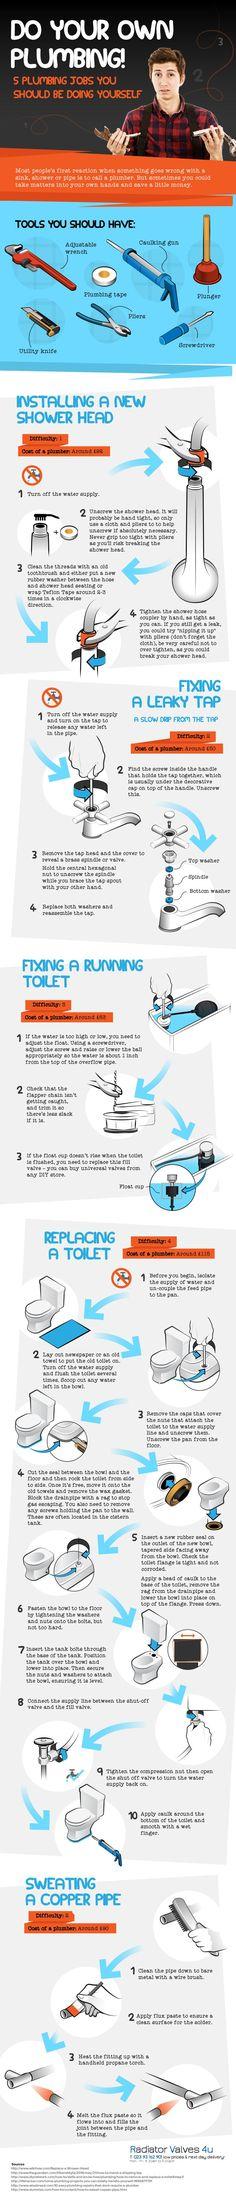 Plumbing Hacks by Radiator Valves 4u Quality designer radiators at fantasic prices